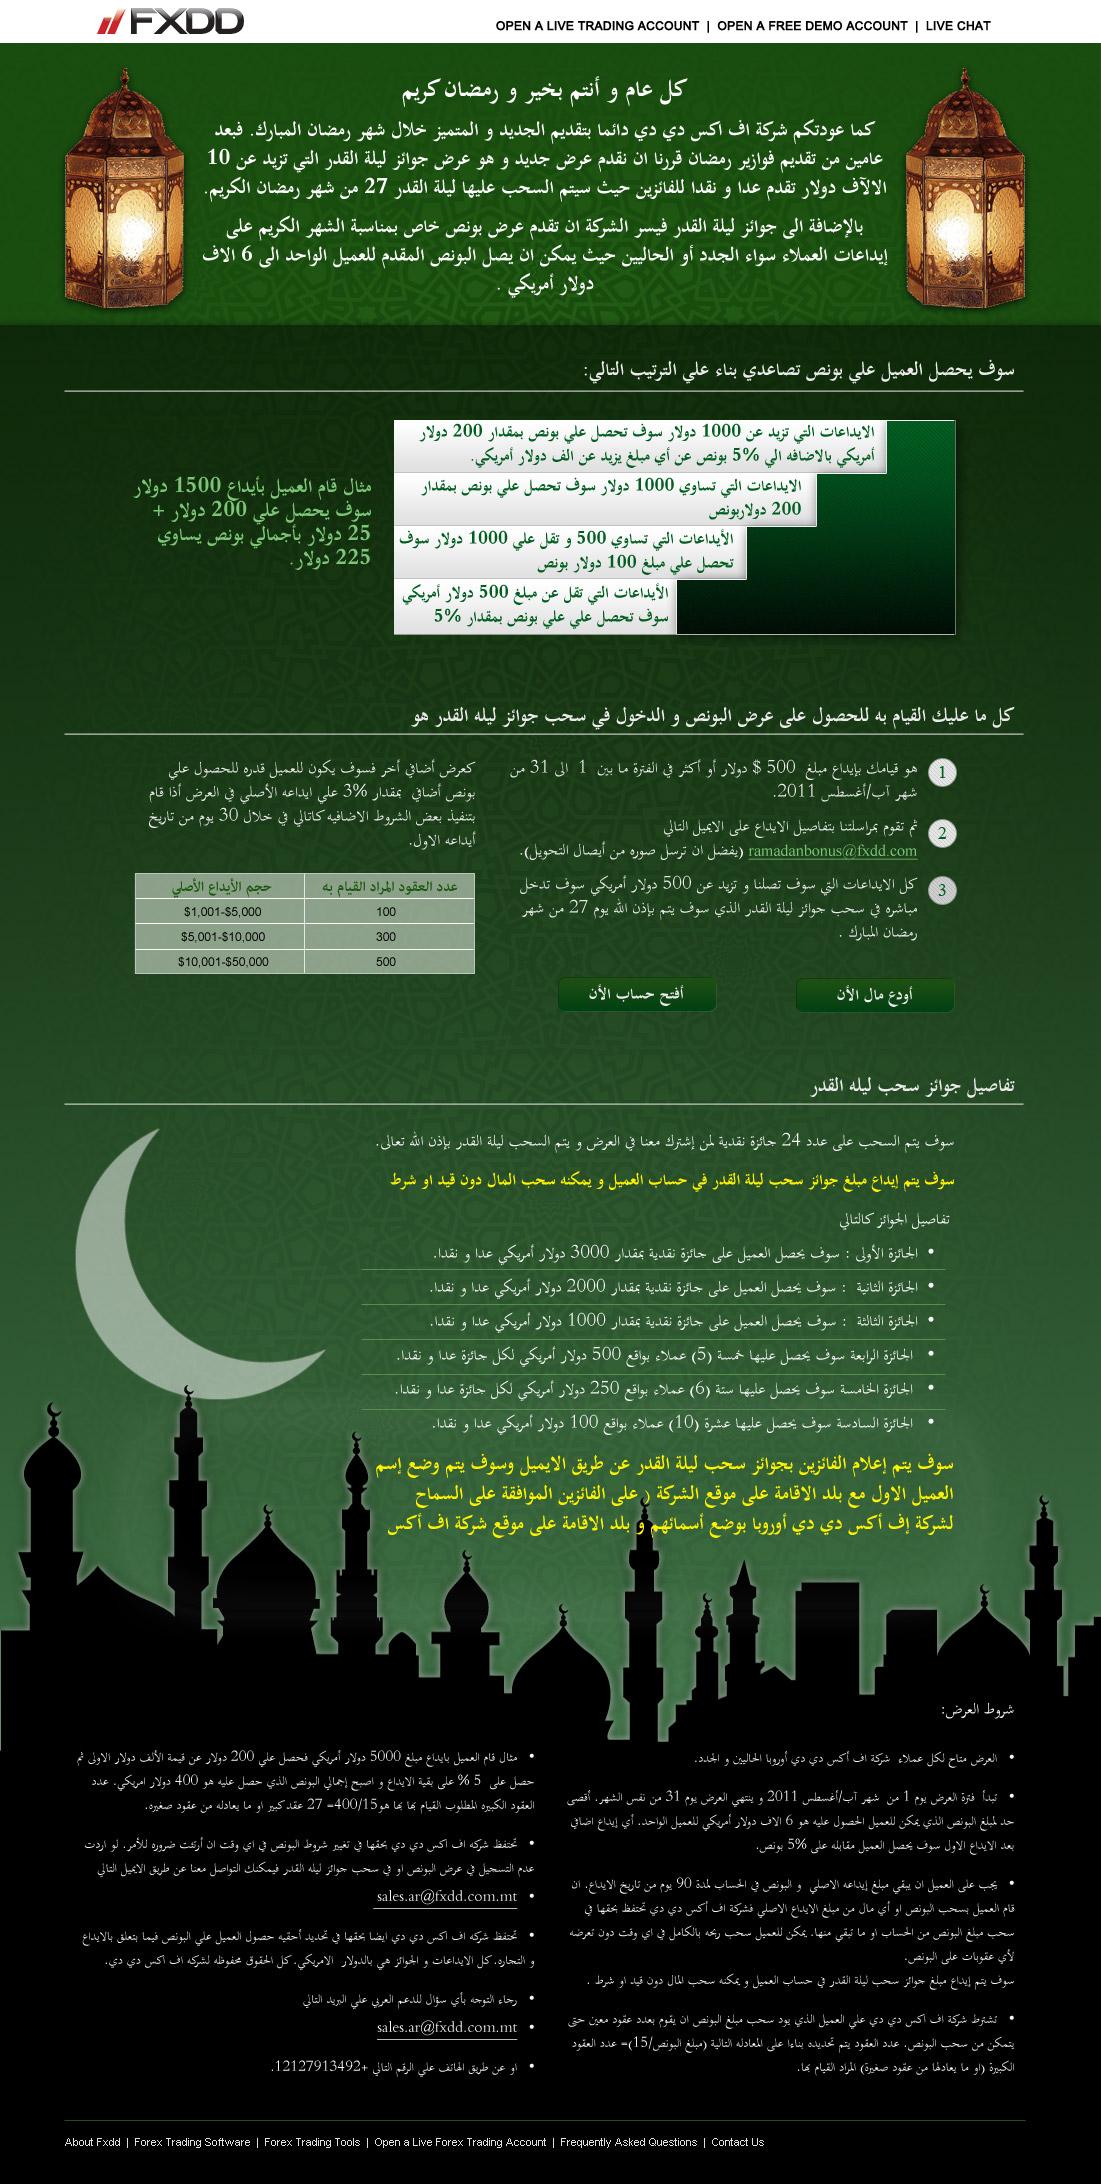 بونص وعرض fxdd خلال رمضان 1_1311821604.jpg